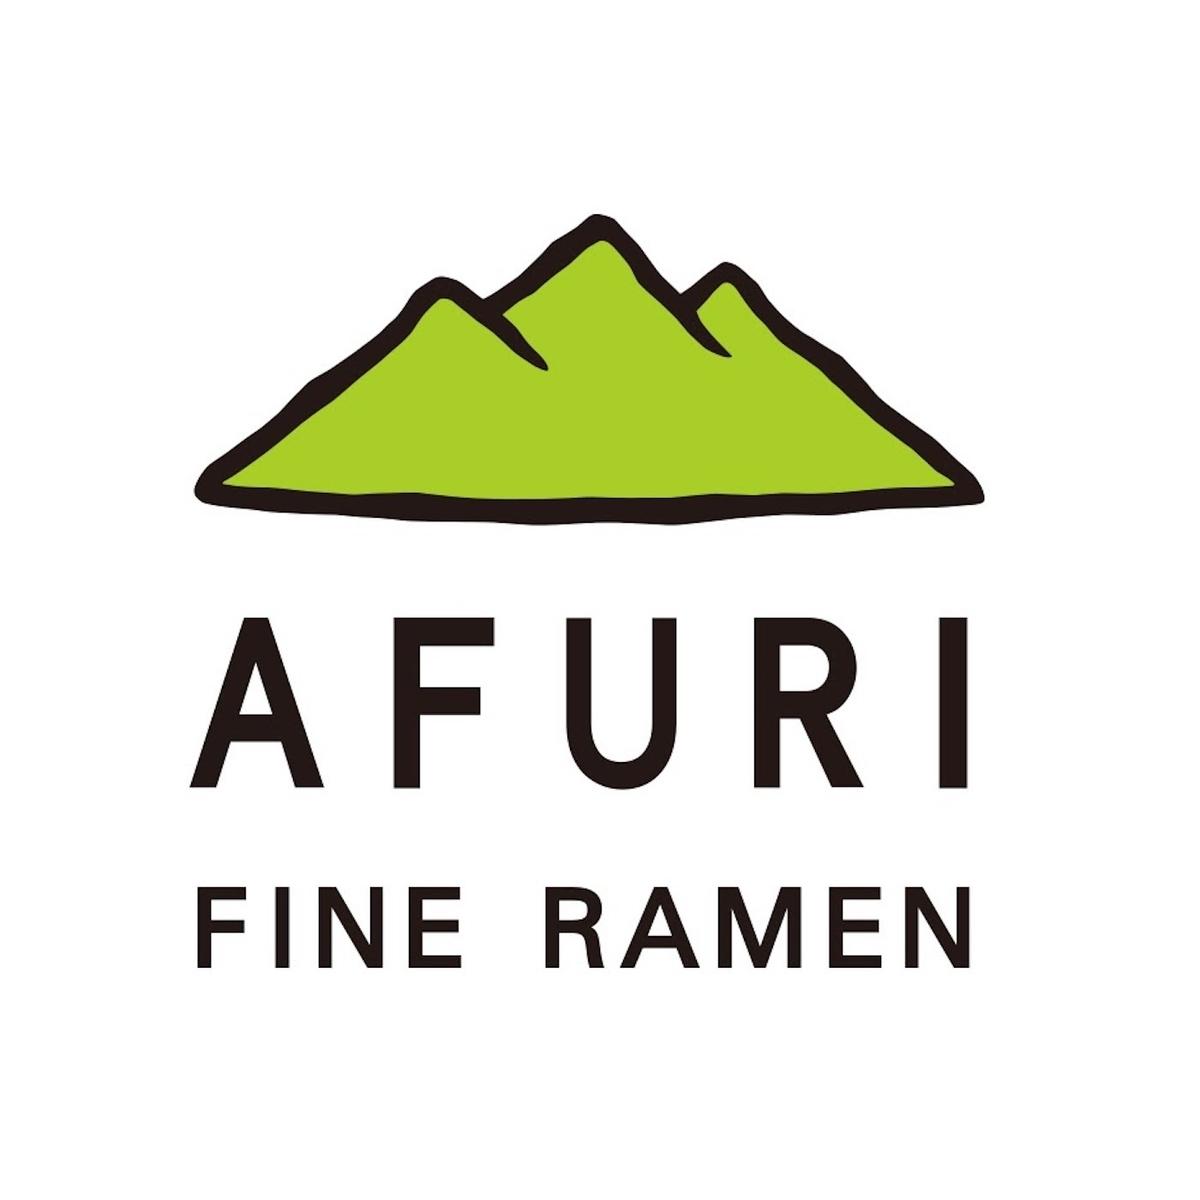 ラーメン 柚子しおらーめん ヌードルツアーズ AFURI 丸山製麺 阿夫利 ヴィーガン